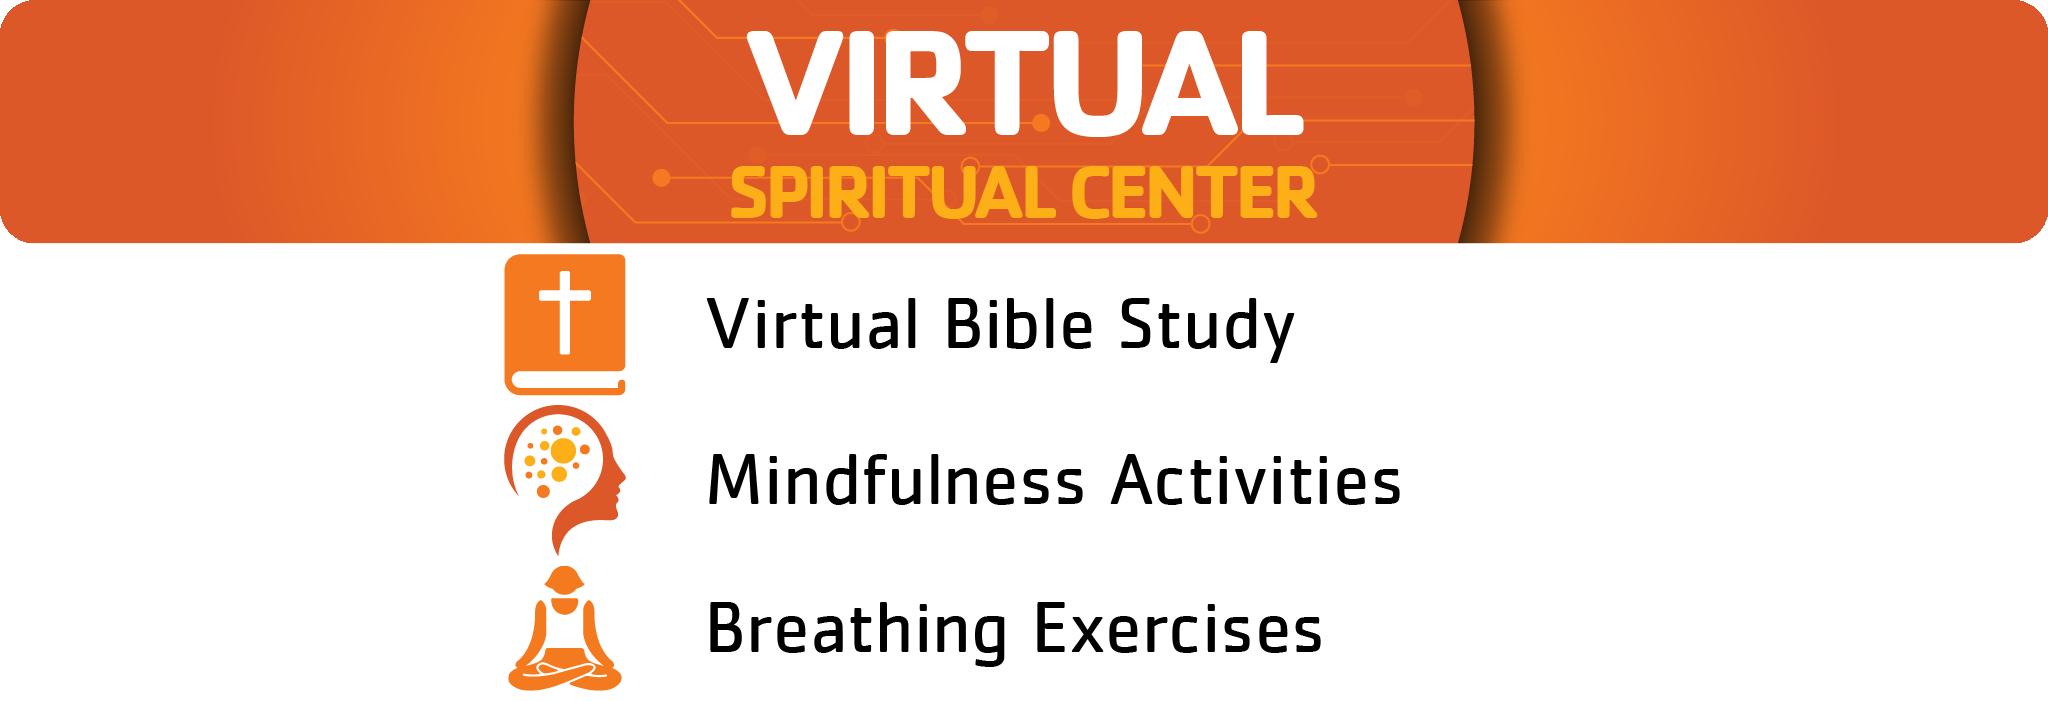 Virtual Spiritual Center